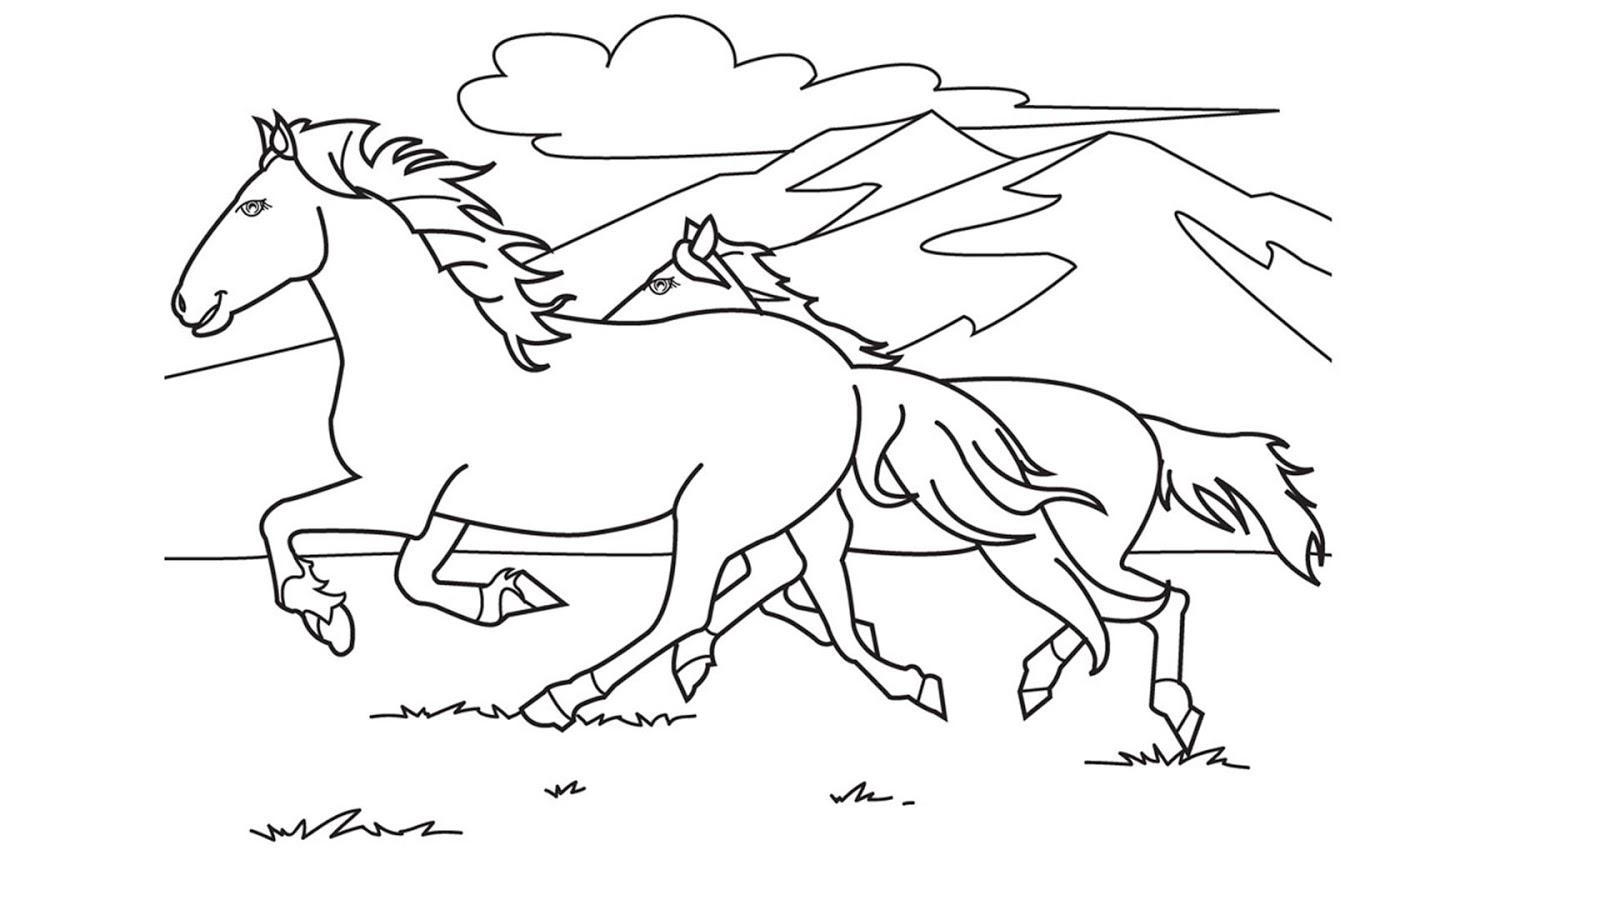 Kumpulan Sketsa Gambar Kuda Dan Pemandangan Sketsa Gambar